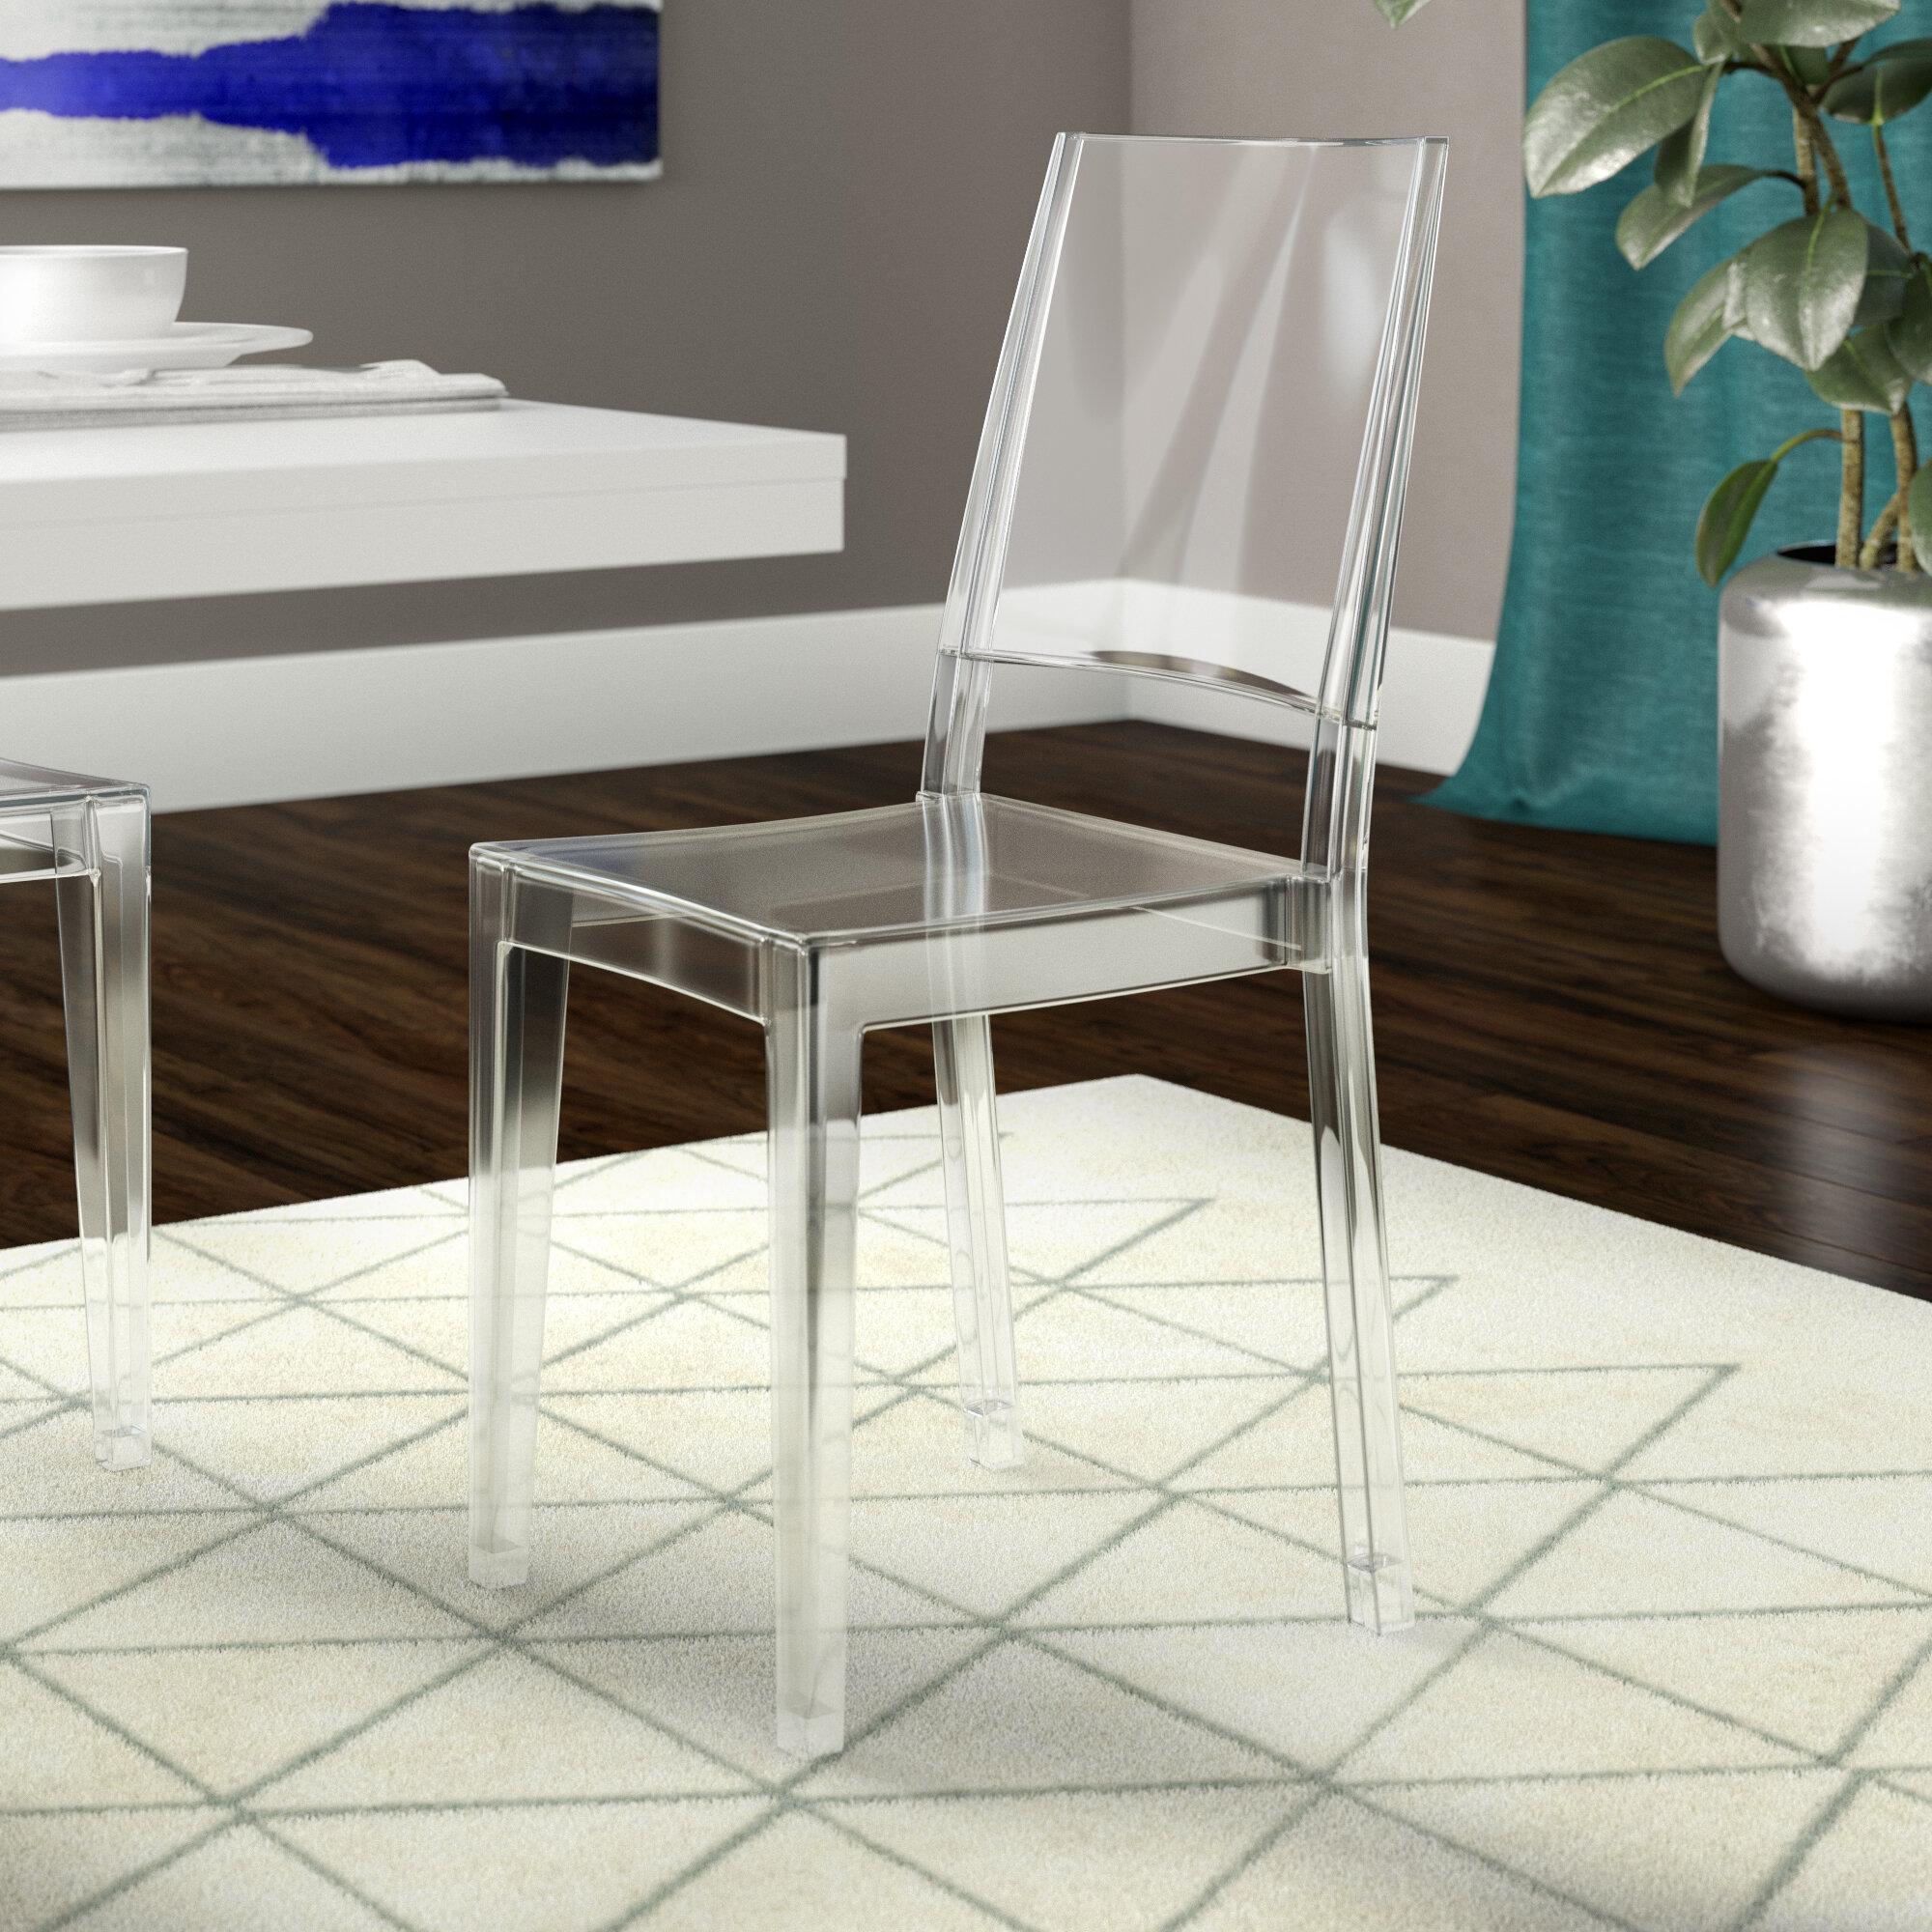 Orren Ellis Weigle Contemporary Dining Chair | Wayfair